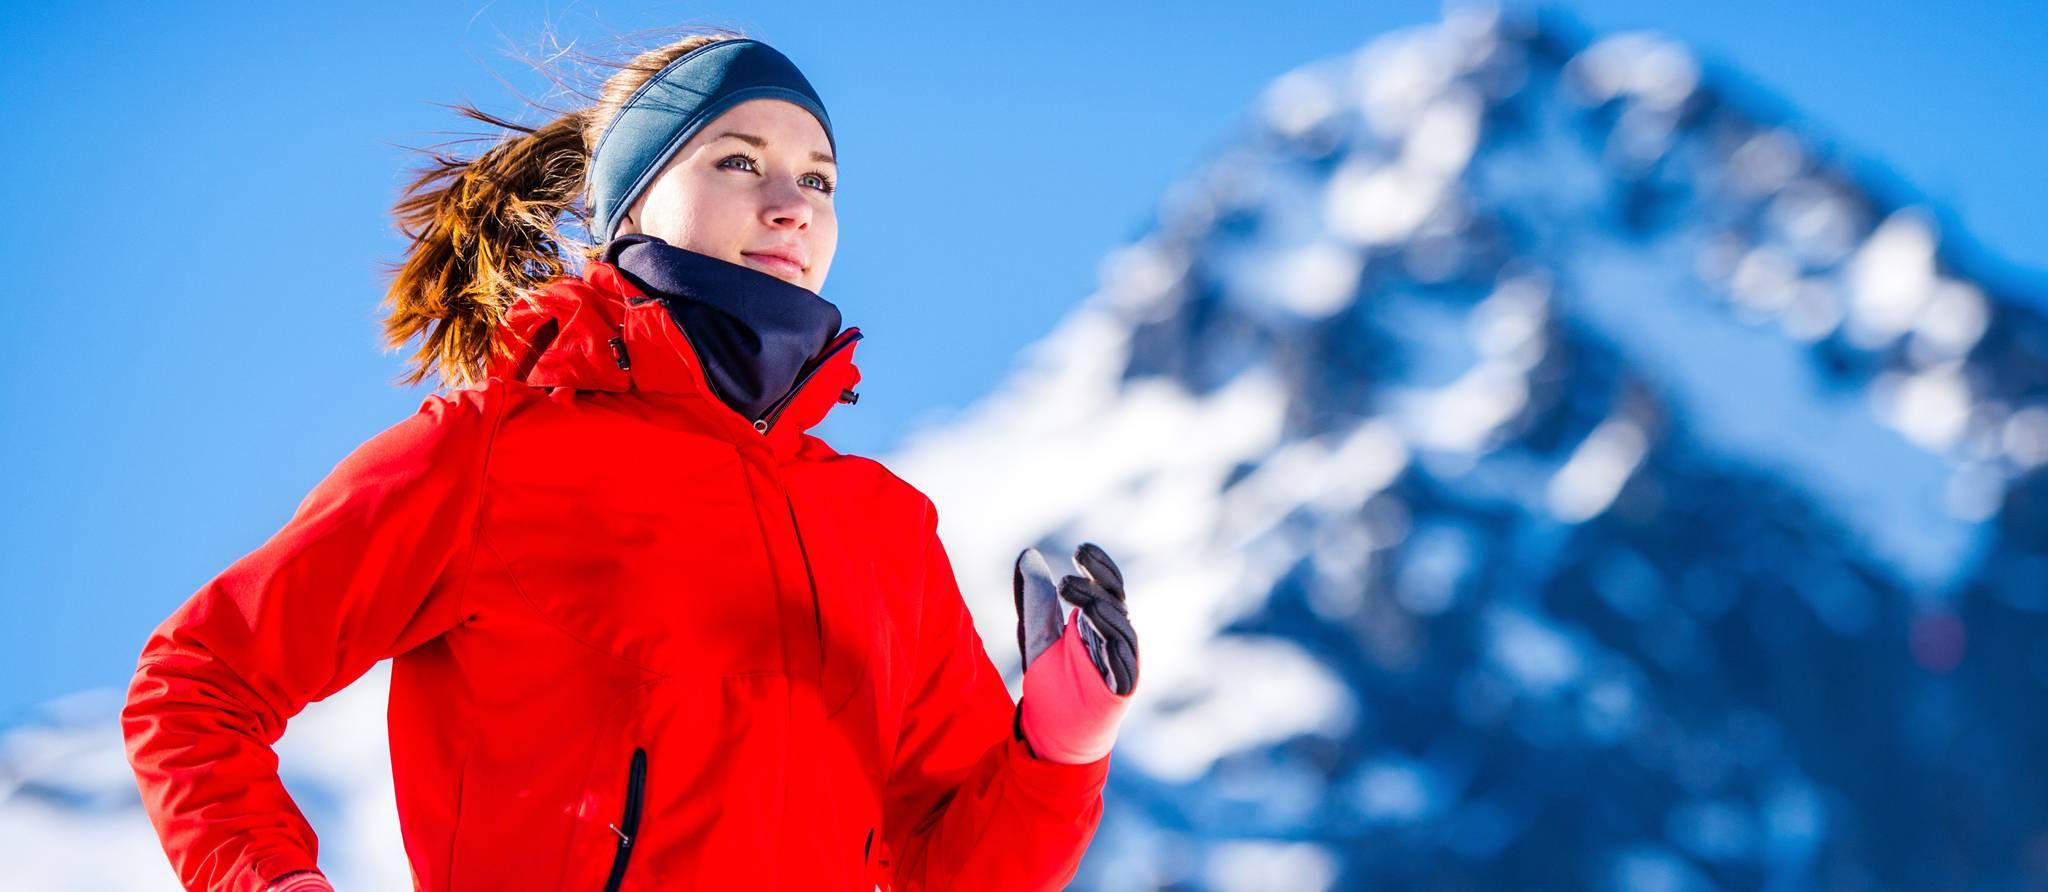 comment-choisir-manteau-hiver